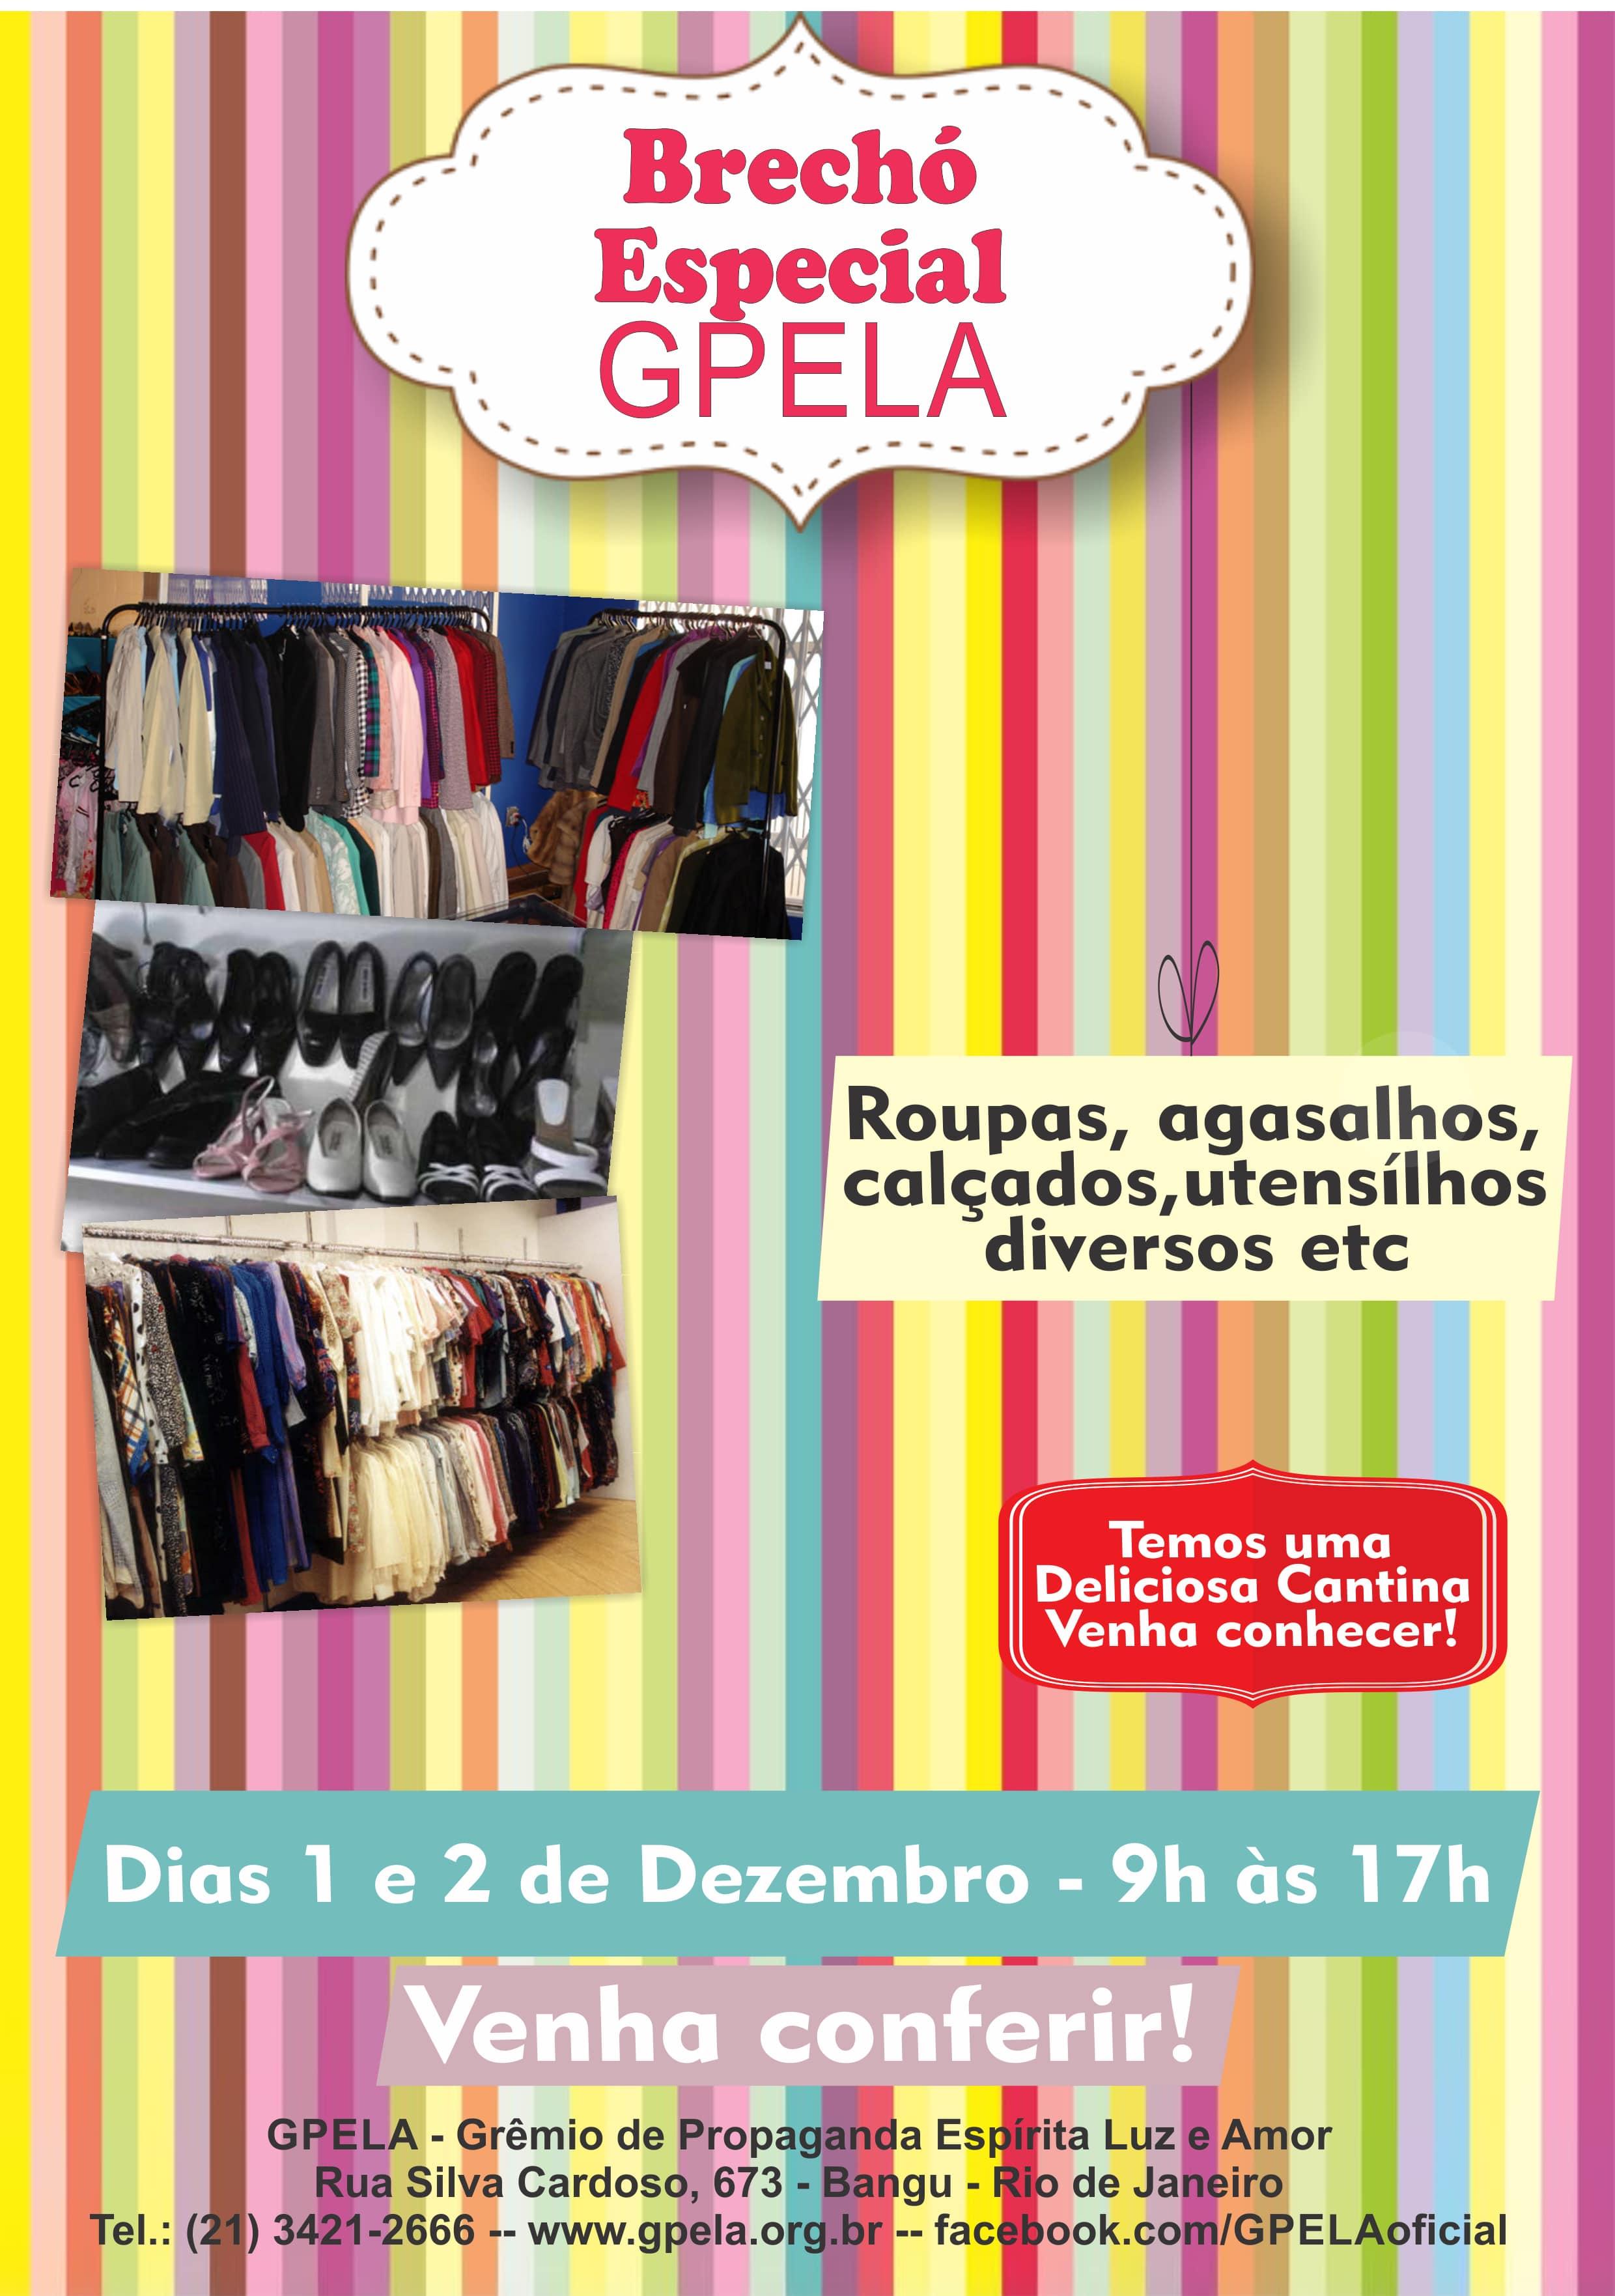 Brechó Especial GPELA – Dias 1 e 2 de Dezembro